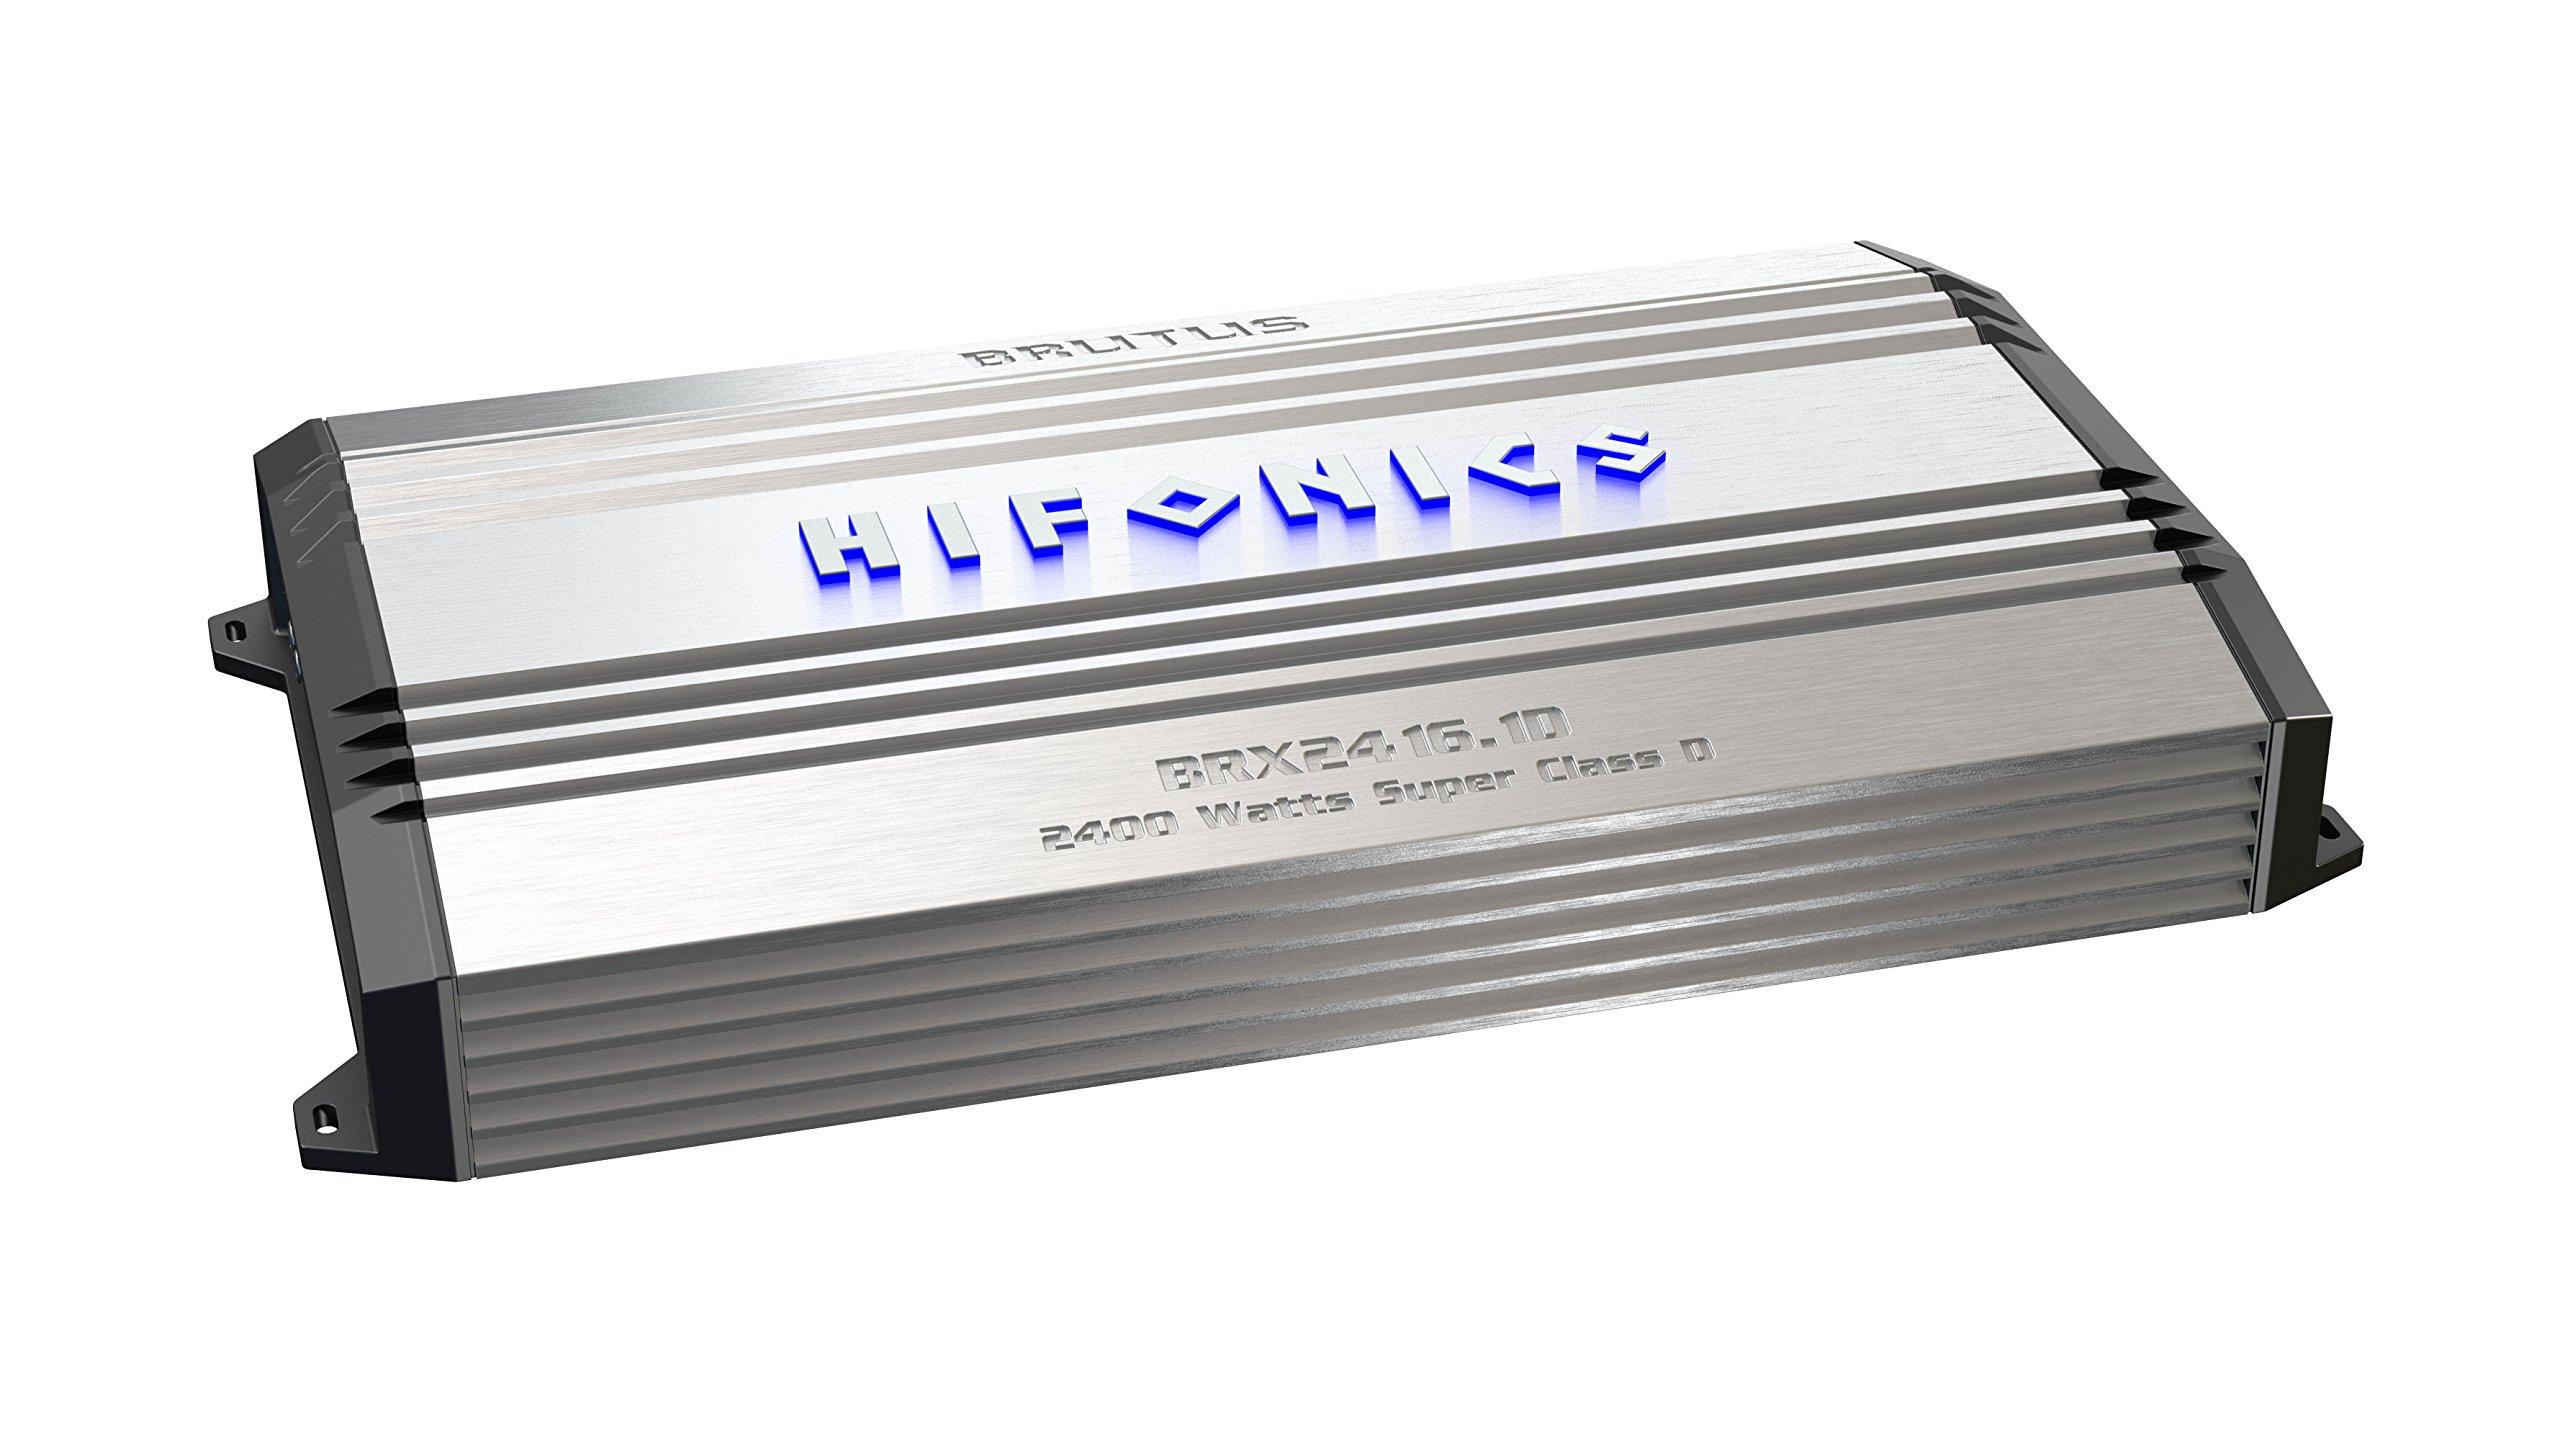 Hifonics BRX2416.1D Brutus Mono Super D-Class Subwoofer Amplifier, 2400-Watt